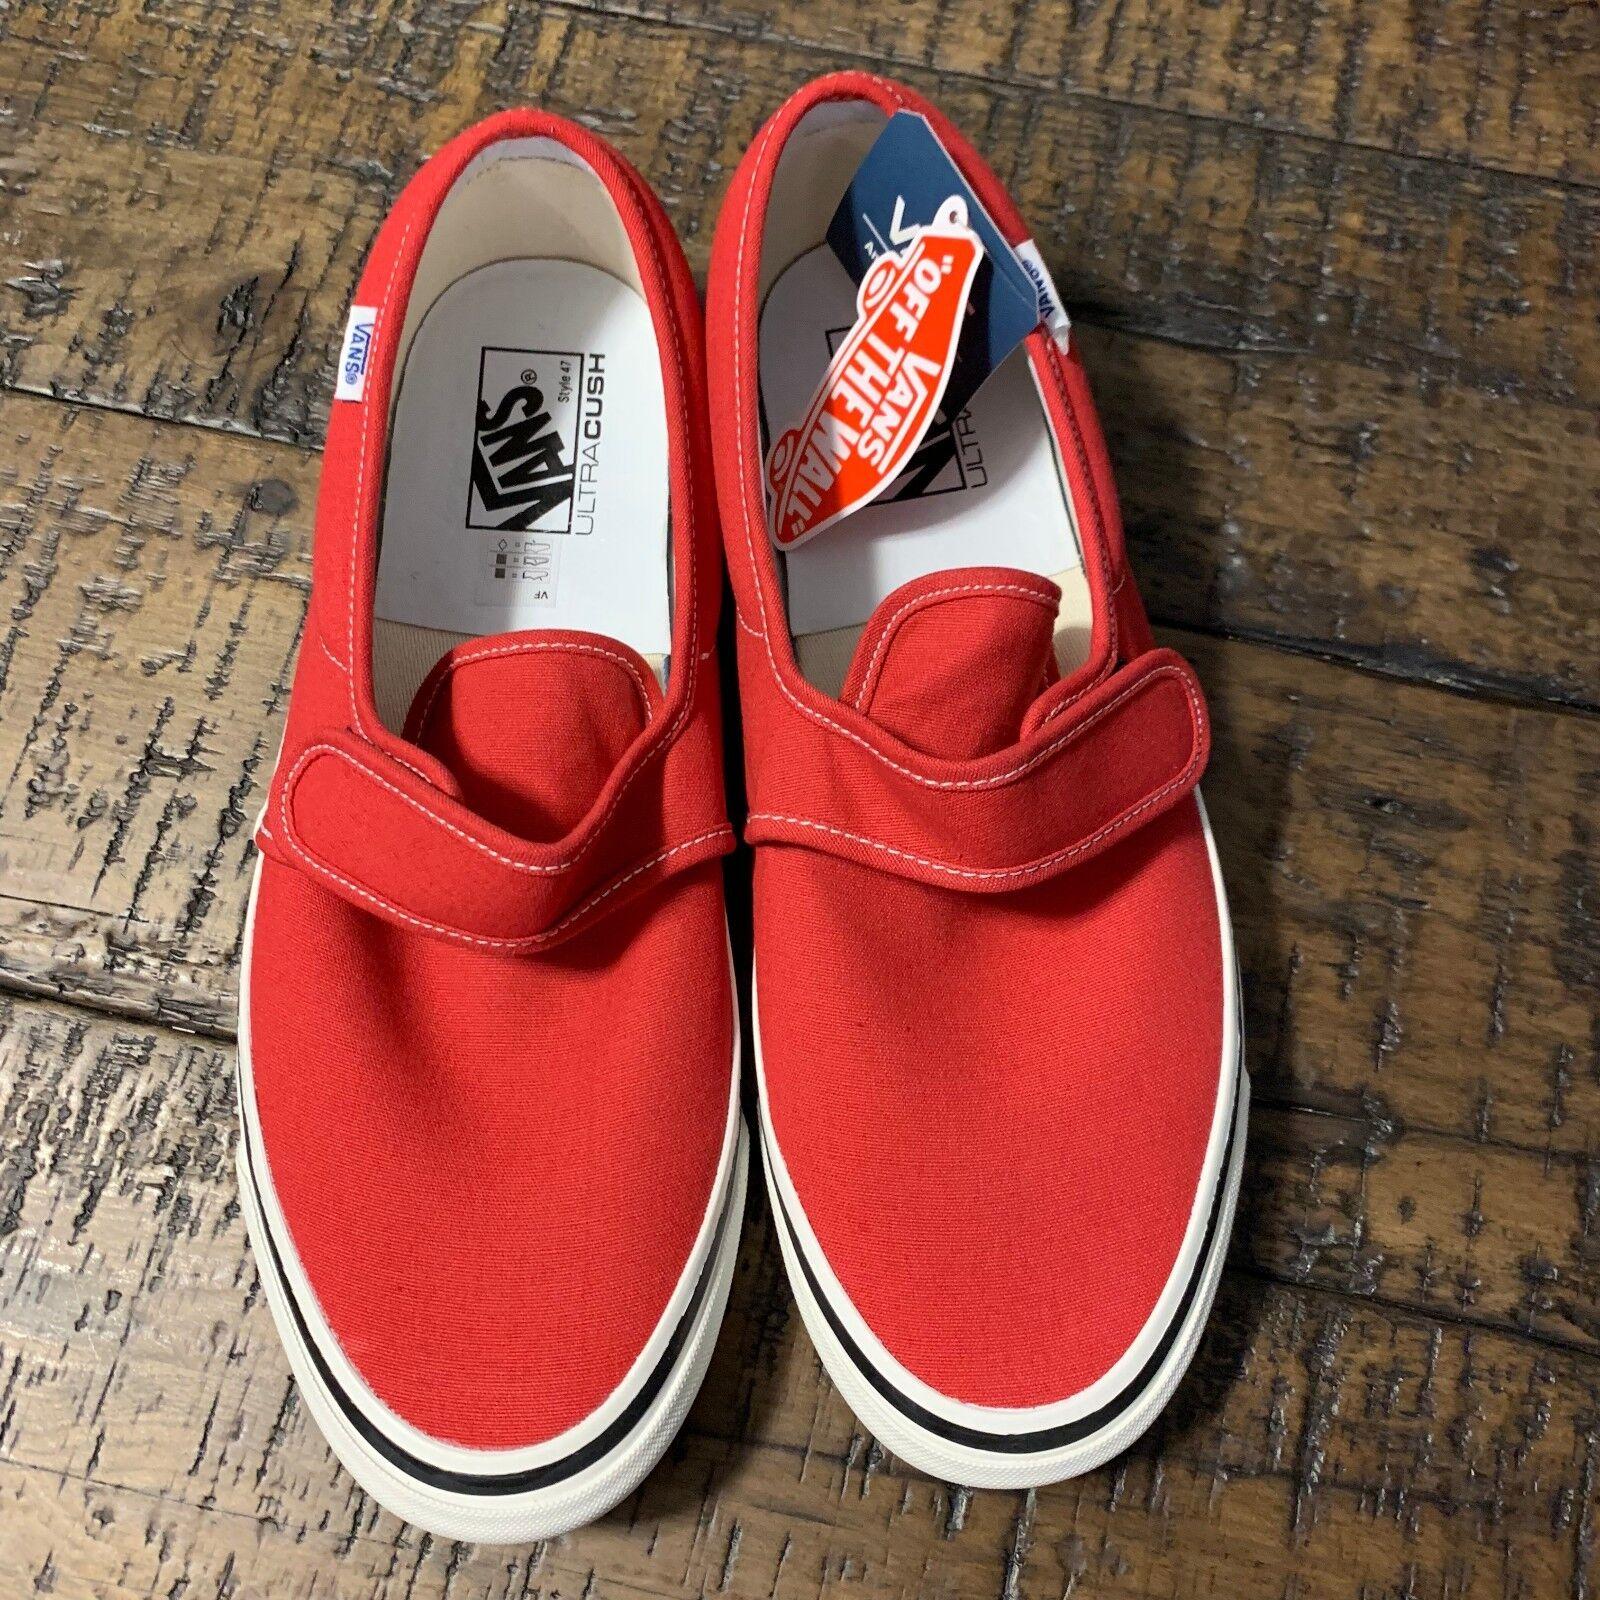 Vans Slip-On 47 V DX (Anaheim Factory) OG Red NIB Size US Men's 11 VN0A3MVAR3V